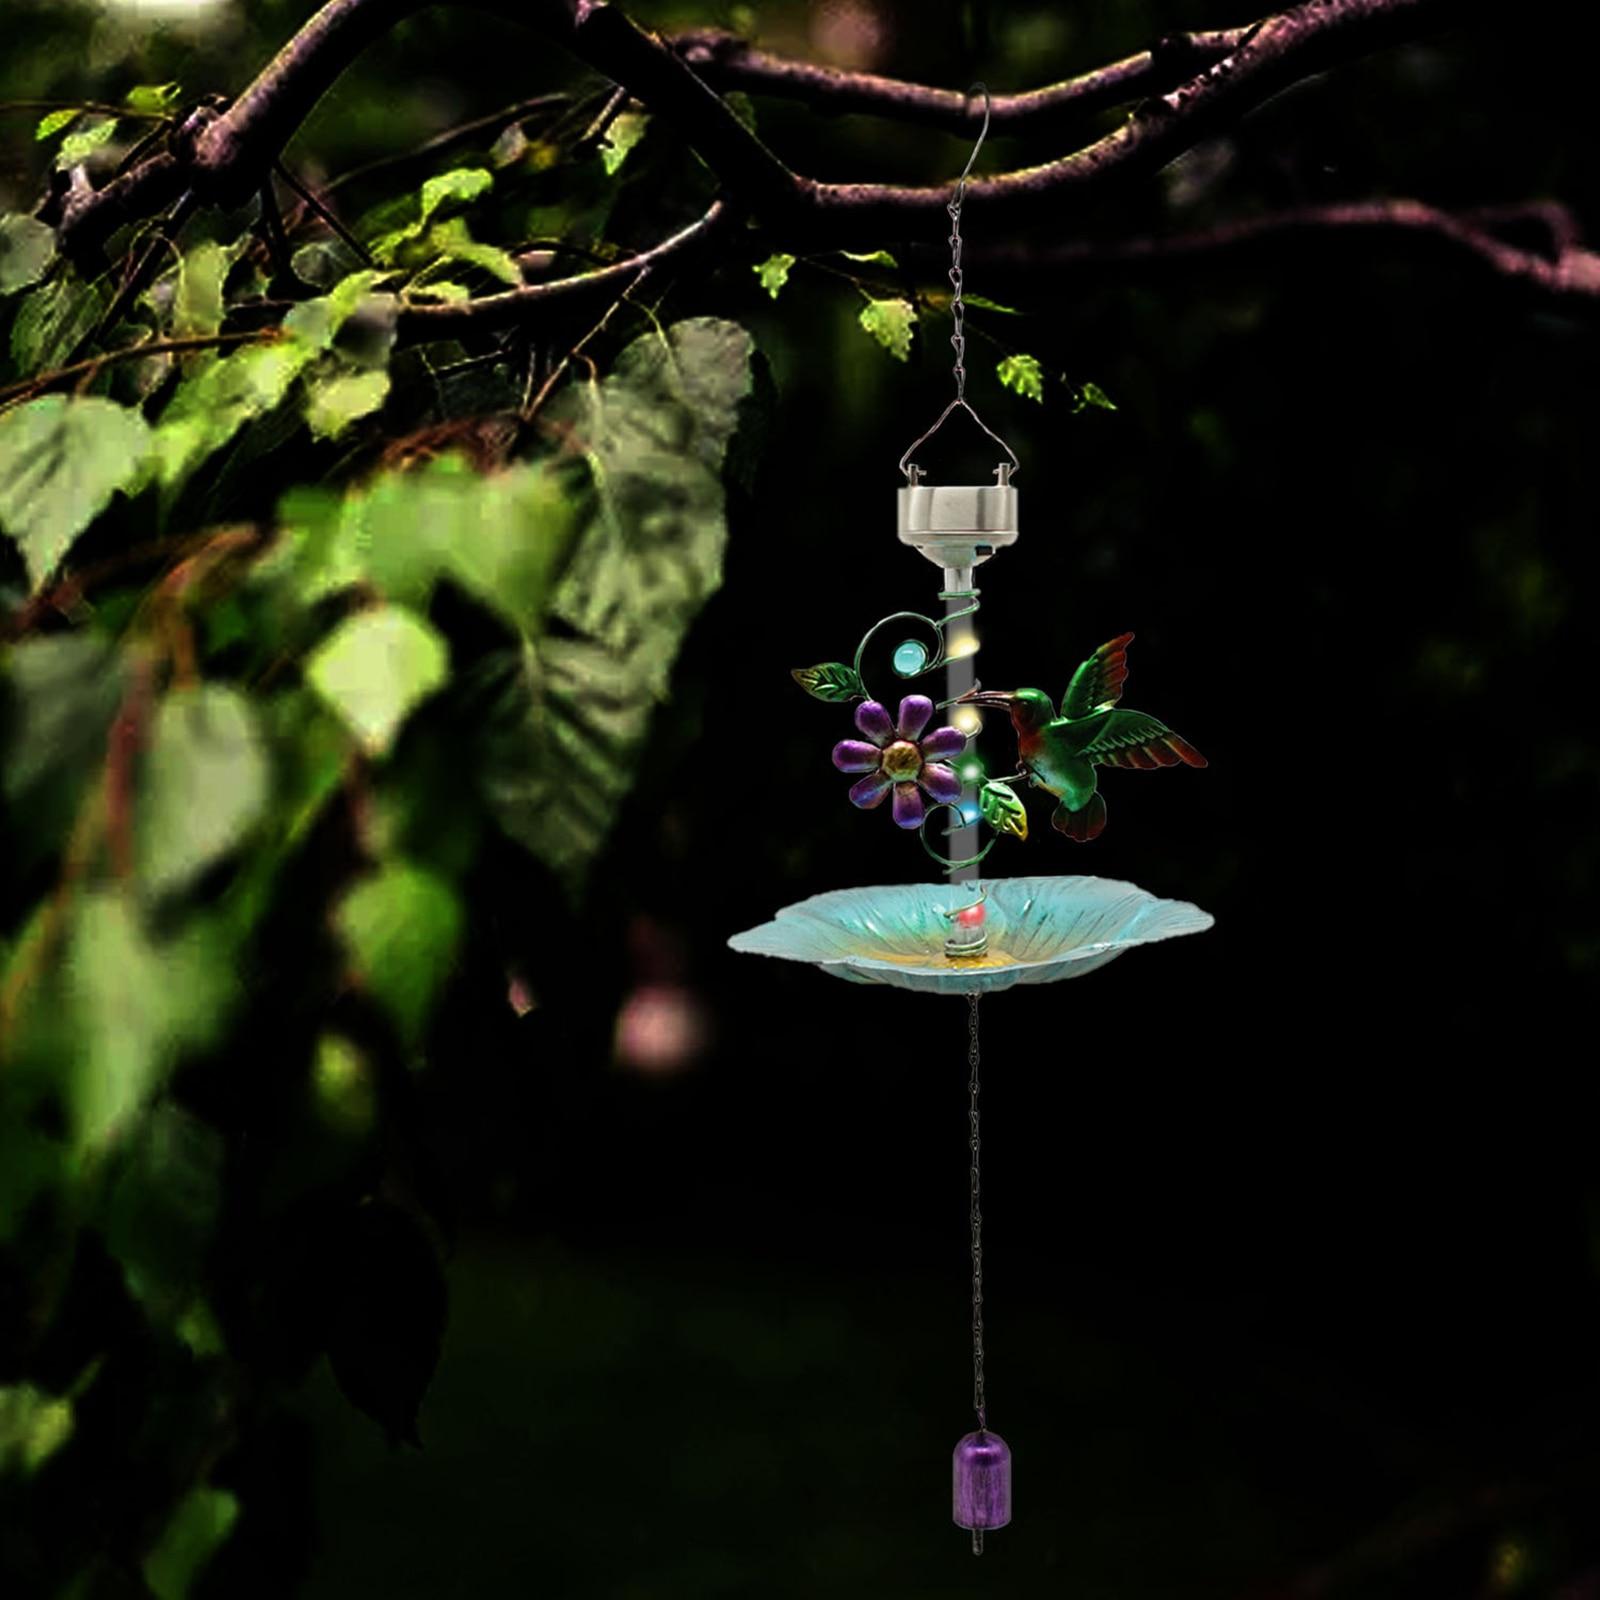 وعاء تغذية للحمام على شكل طائر ، ملحق معلق لتزيين الحديقة والفناء الخارجي